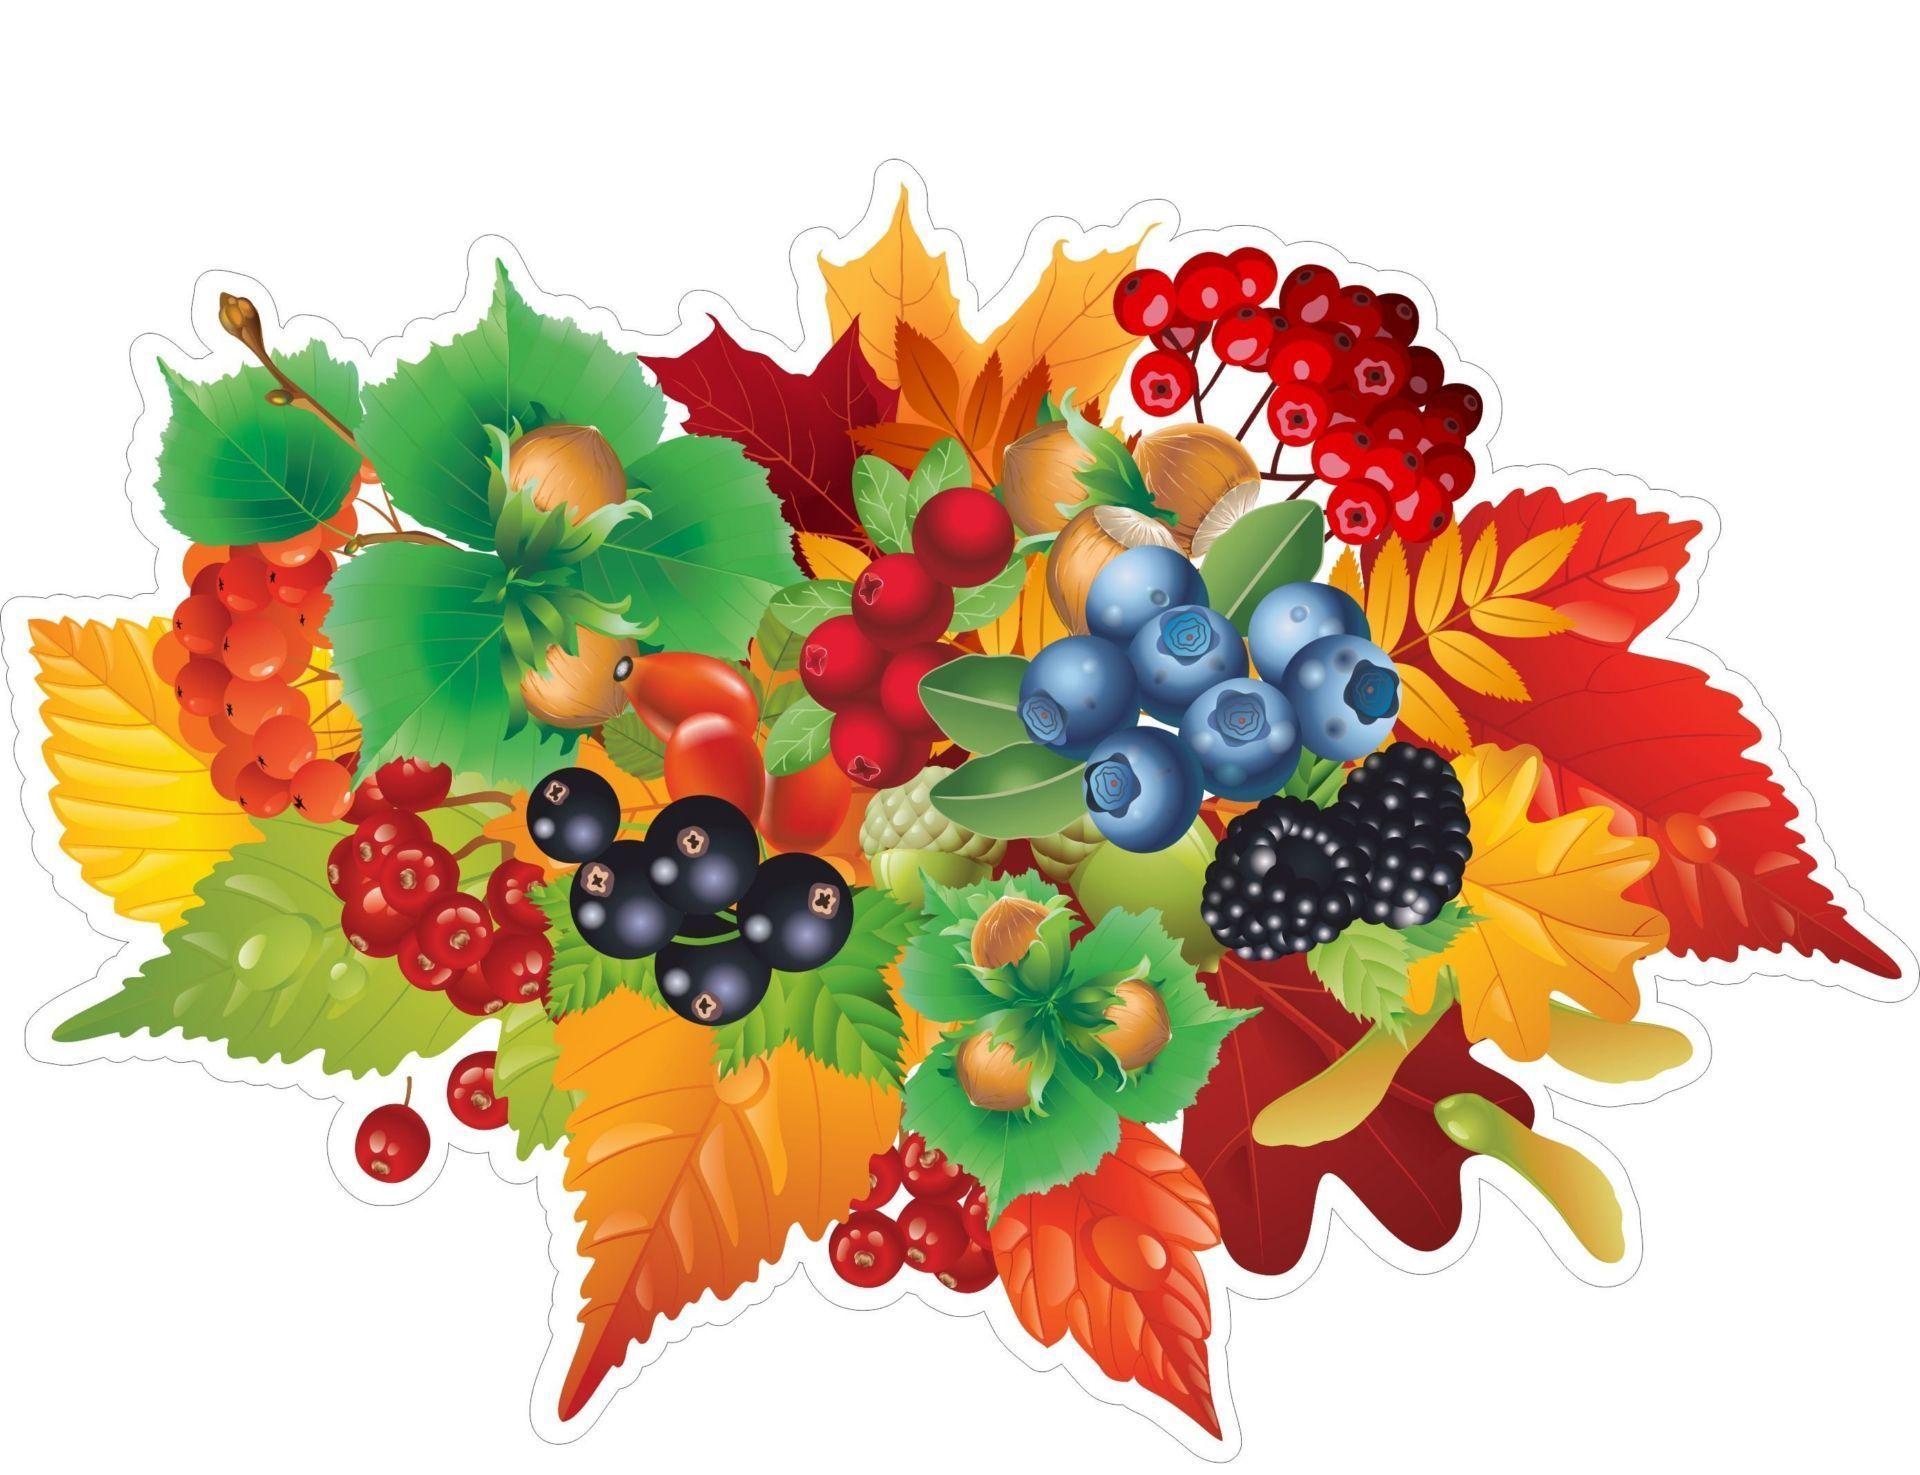 Плакат вырубной Орехи и ягоды: 360х243 ммВырубные фигуры<br>.<br><br>Год: 2017<br>Серия: Вырубные фигуры для оформления<br>Высота: 243<br>Ширина: 360<br>Переплёт: набор